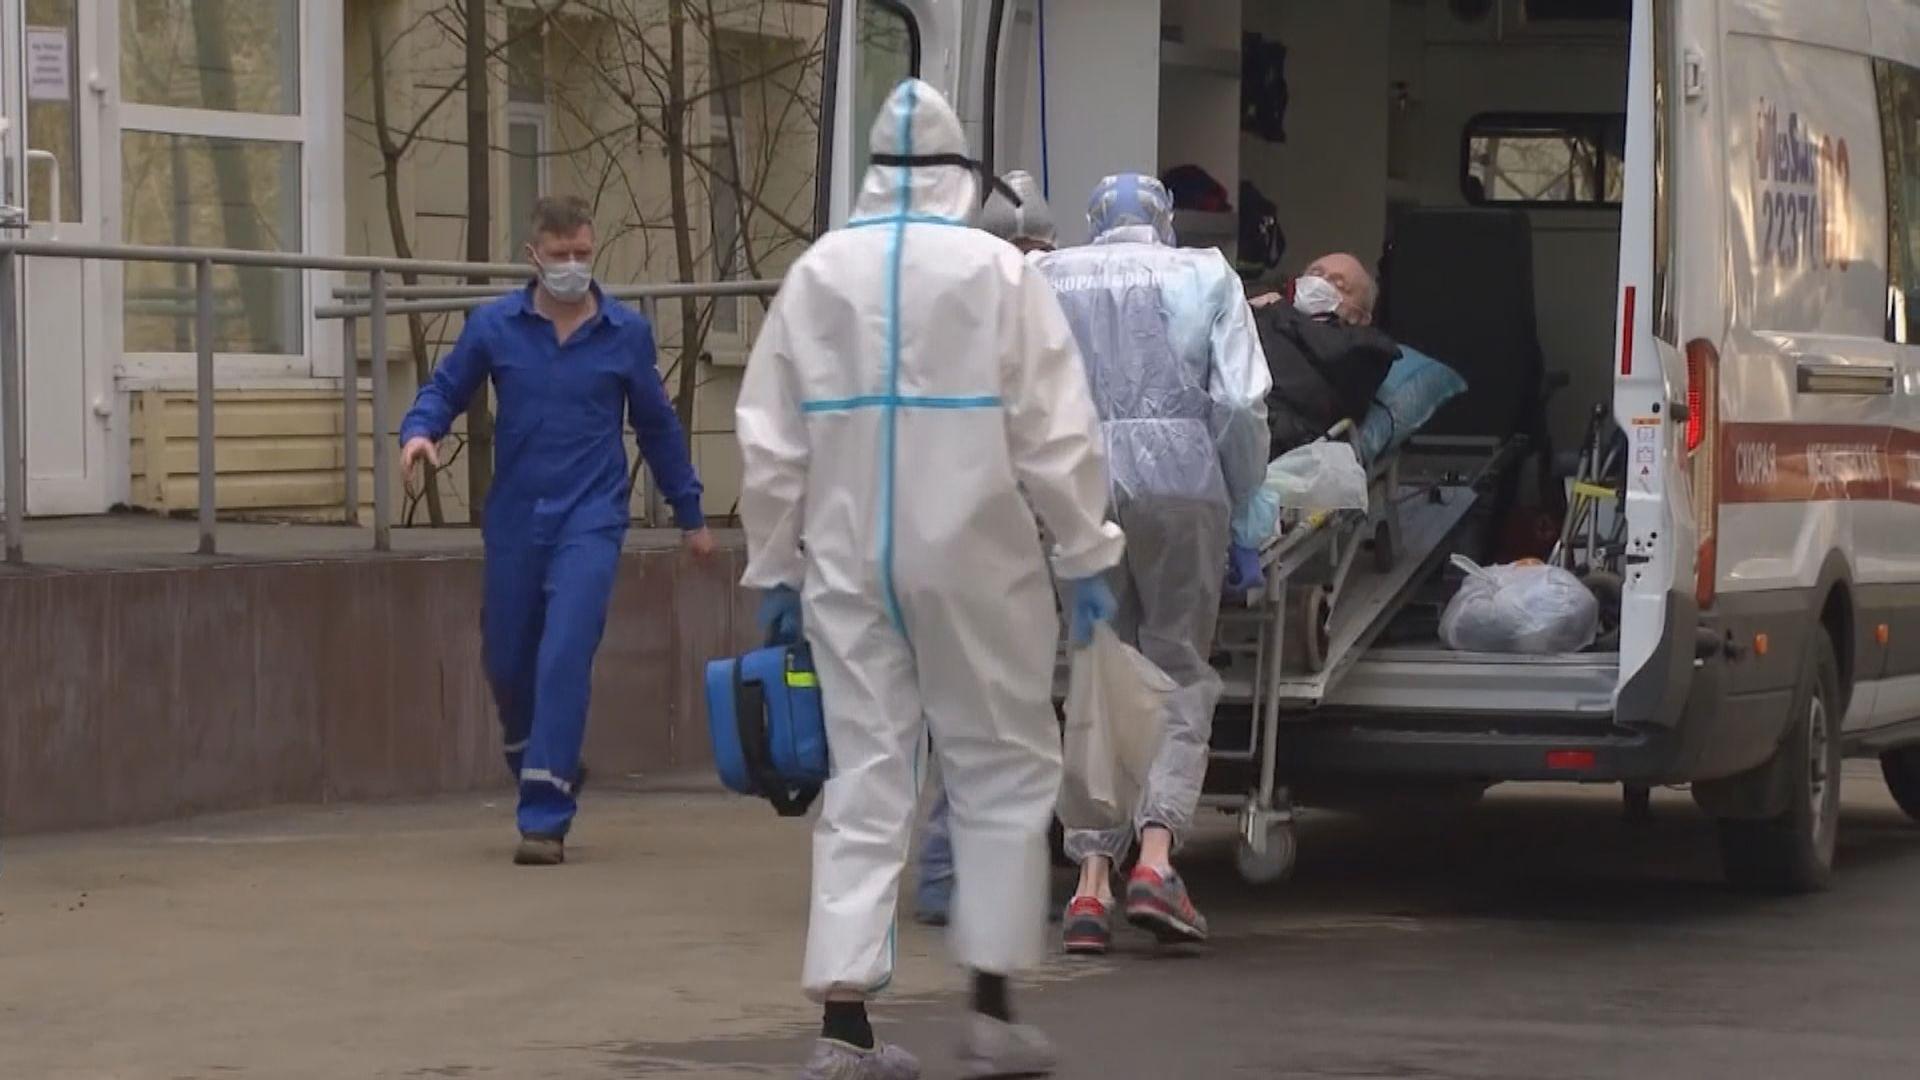 俄羅斯繼續錄得逾萬宗新確診 世衛指疫情或達高峰